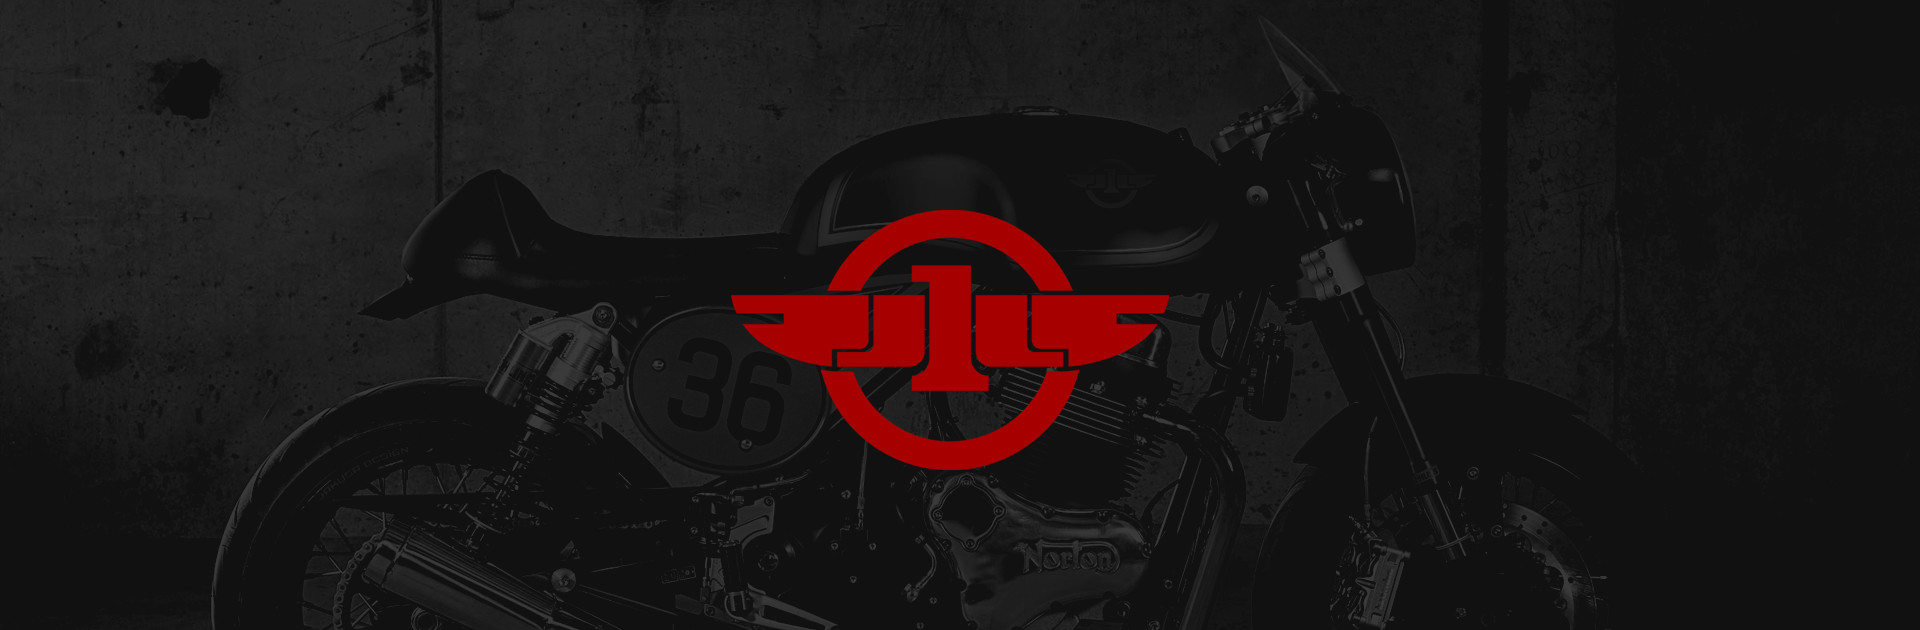 Tamas jakus logos2b